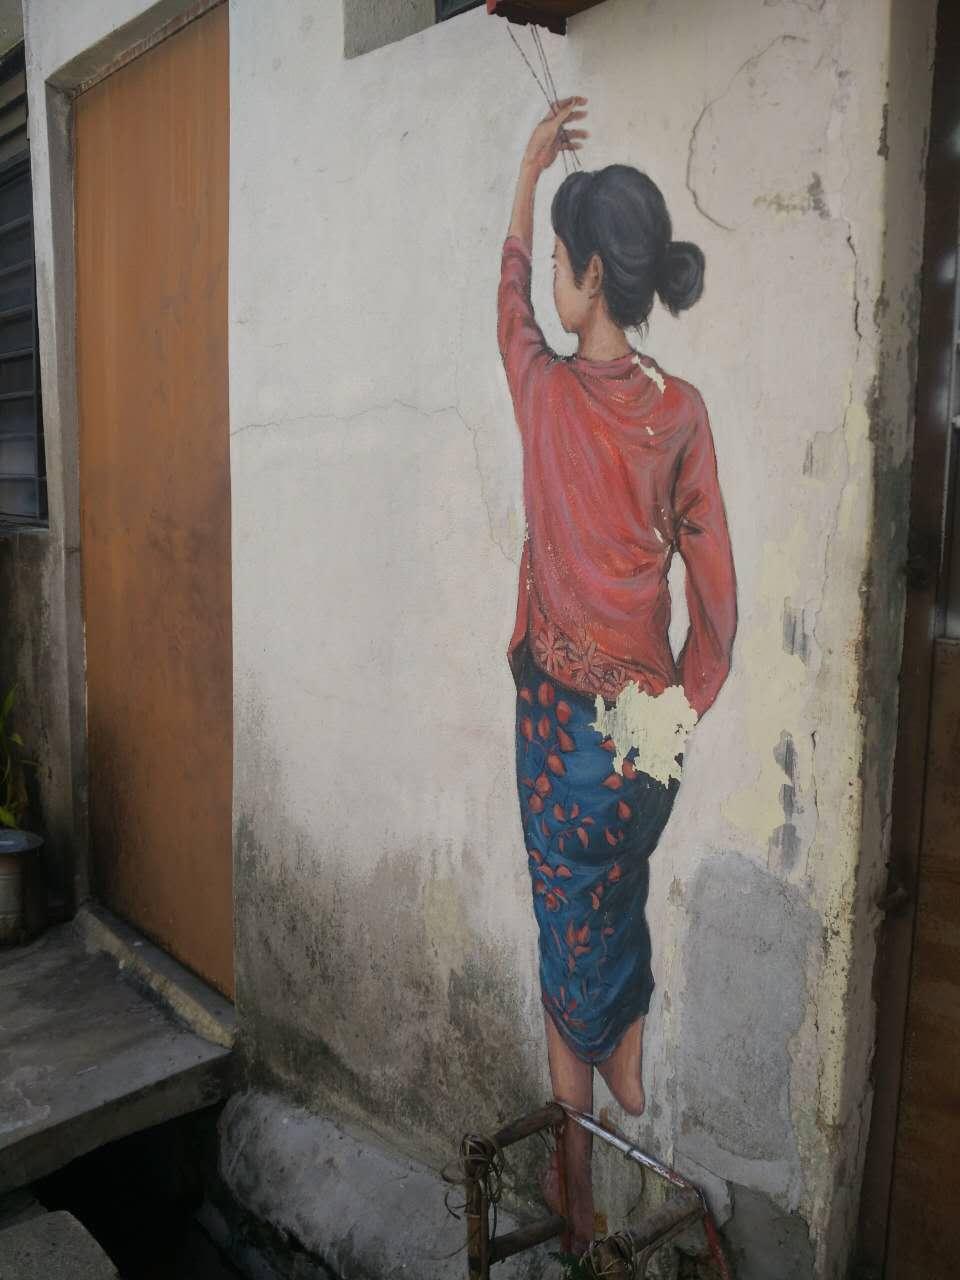 槟城一日游——升旗山&壁画街(完结篇)